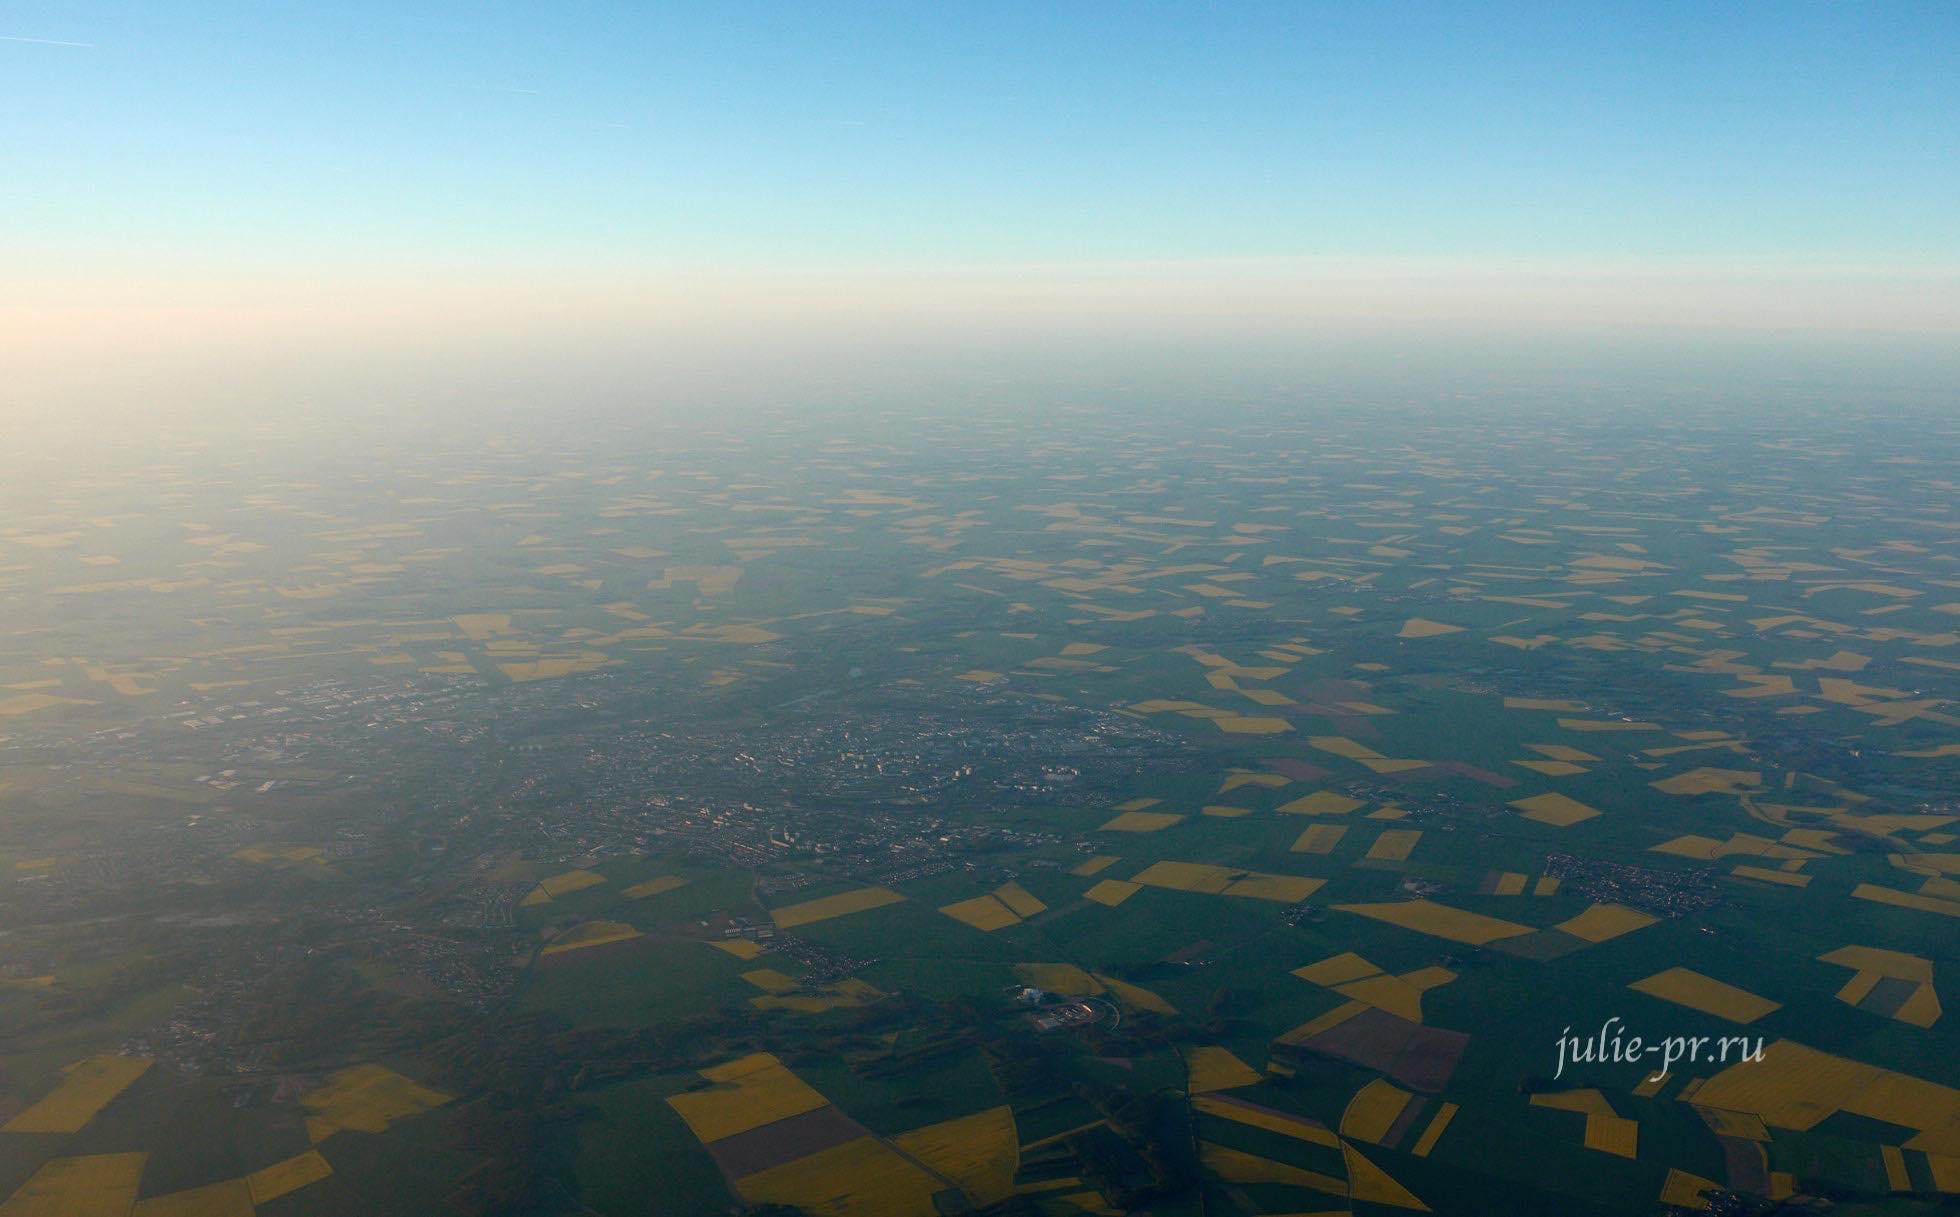 Франция вид с самолета